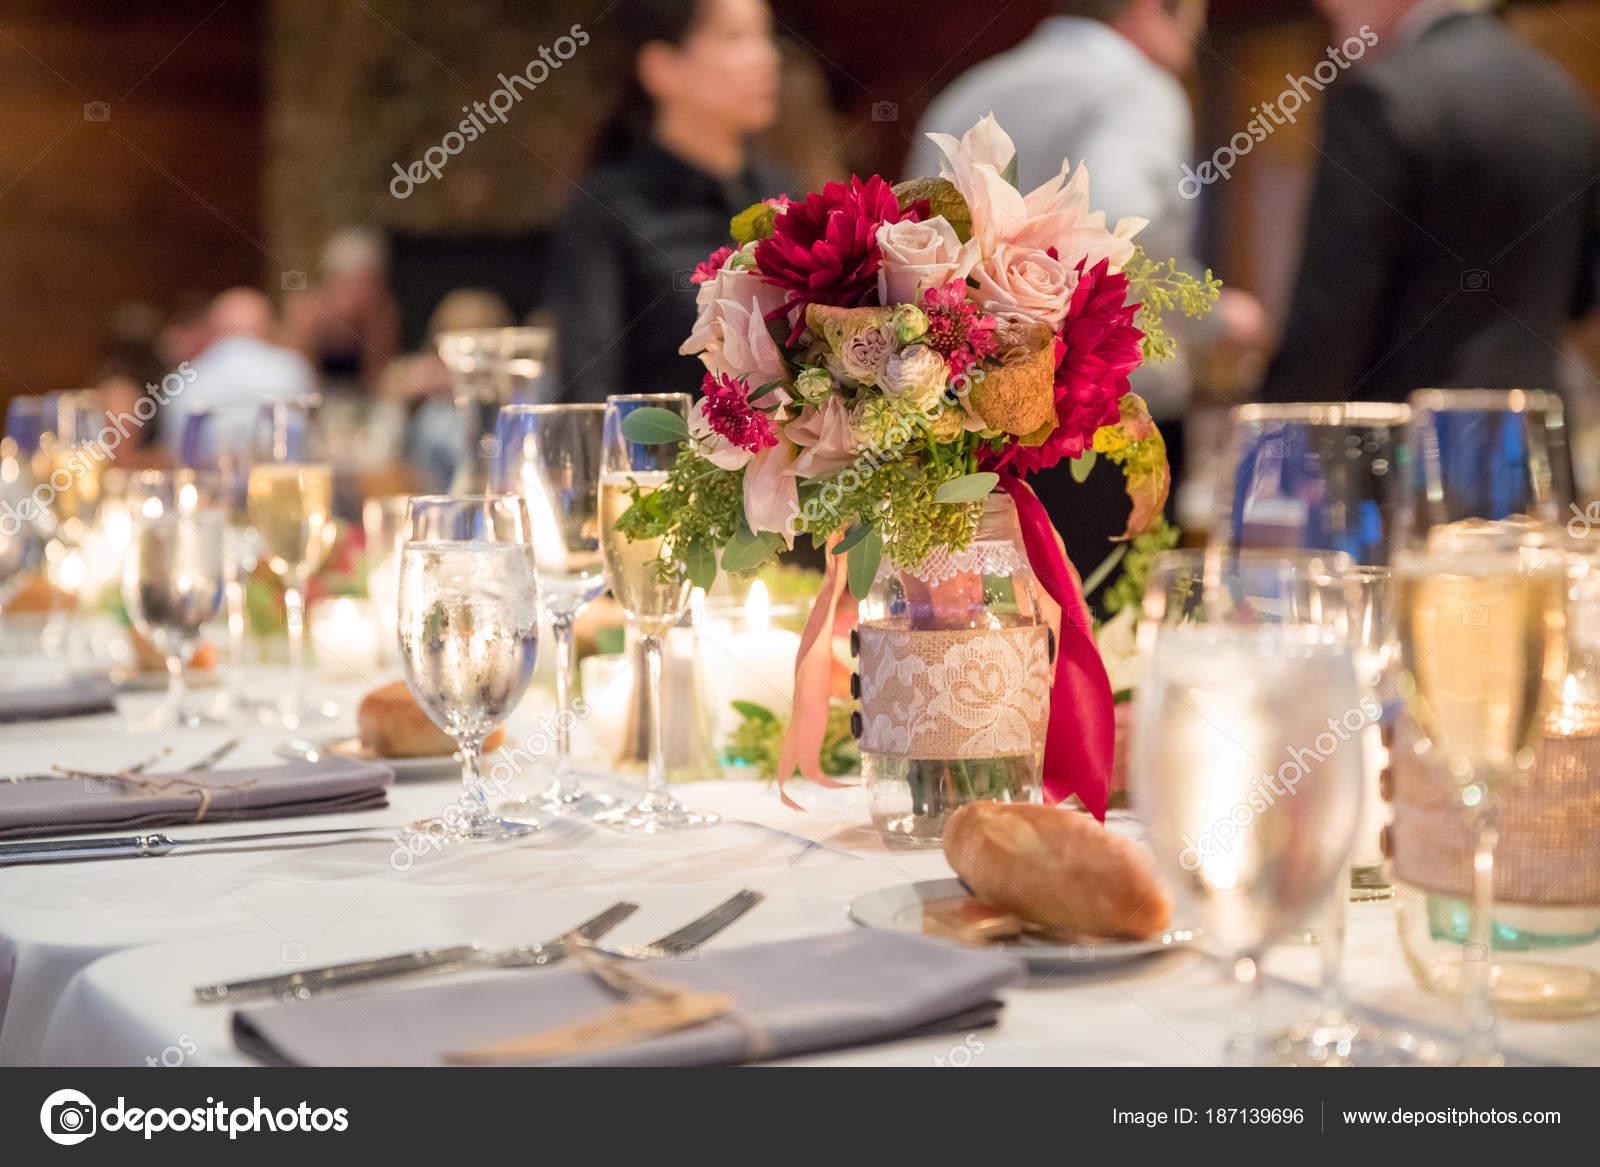 Herbst Hochzeit Blumen Herzstuck Stockfoto C Joshuarainey 187139696